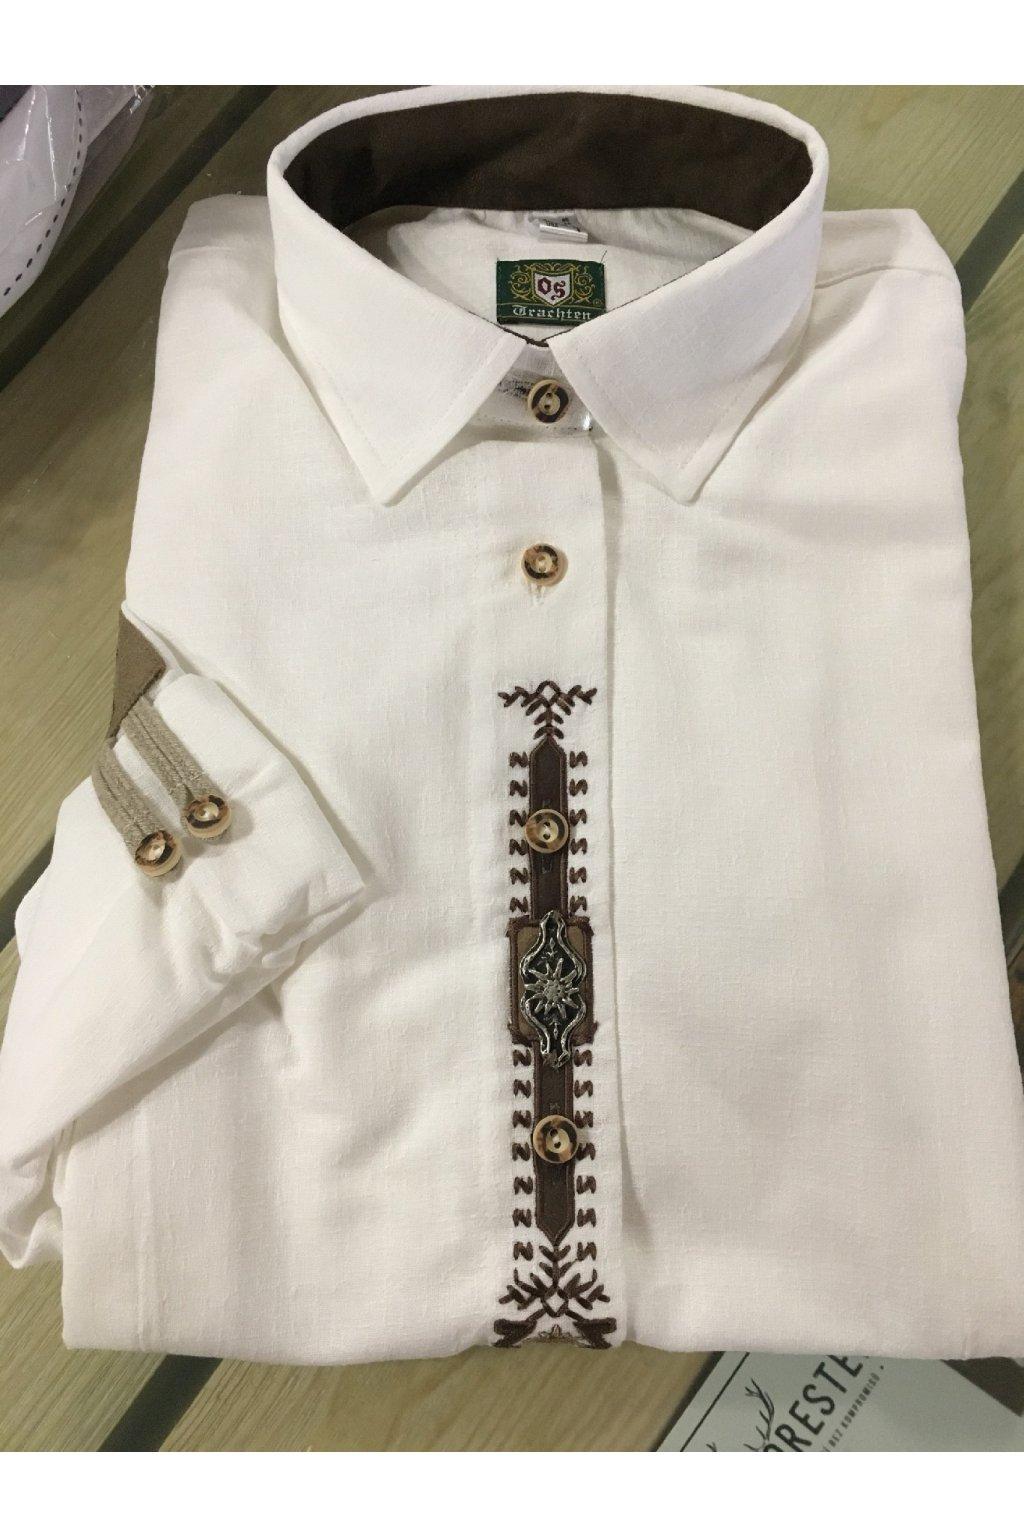 ORBIS - košile Protěž dámská bílá zdobená (1011)